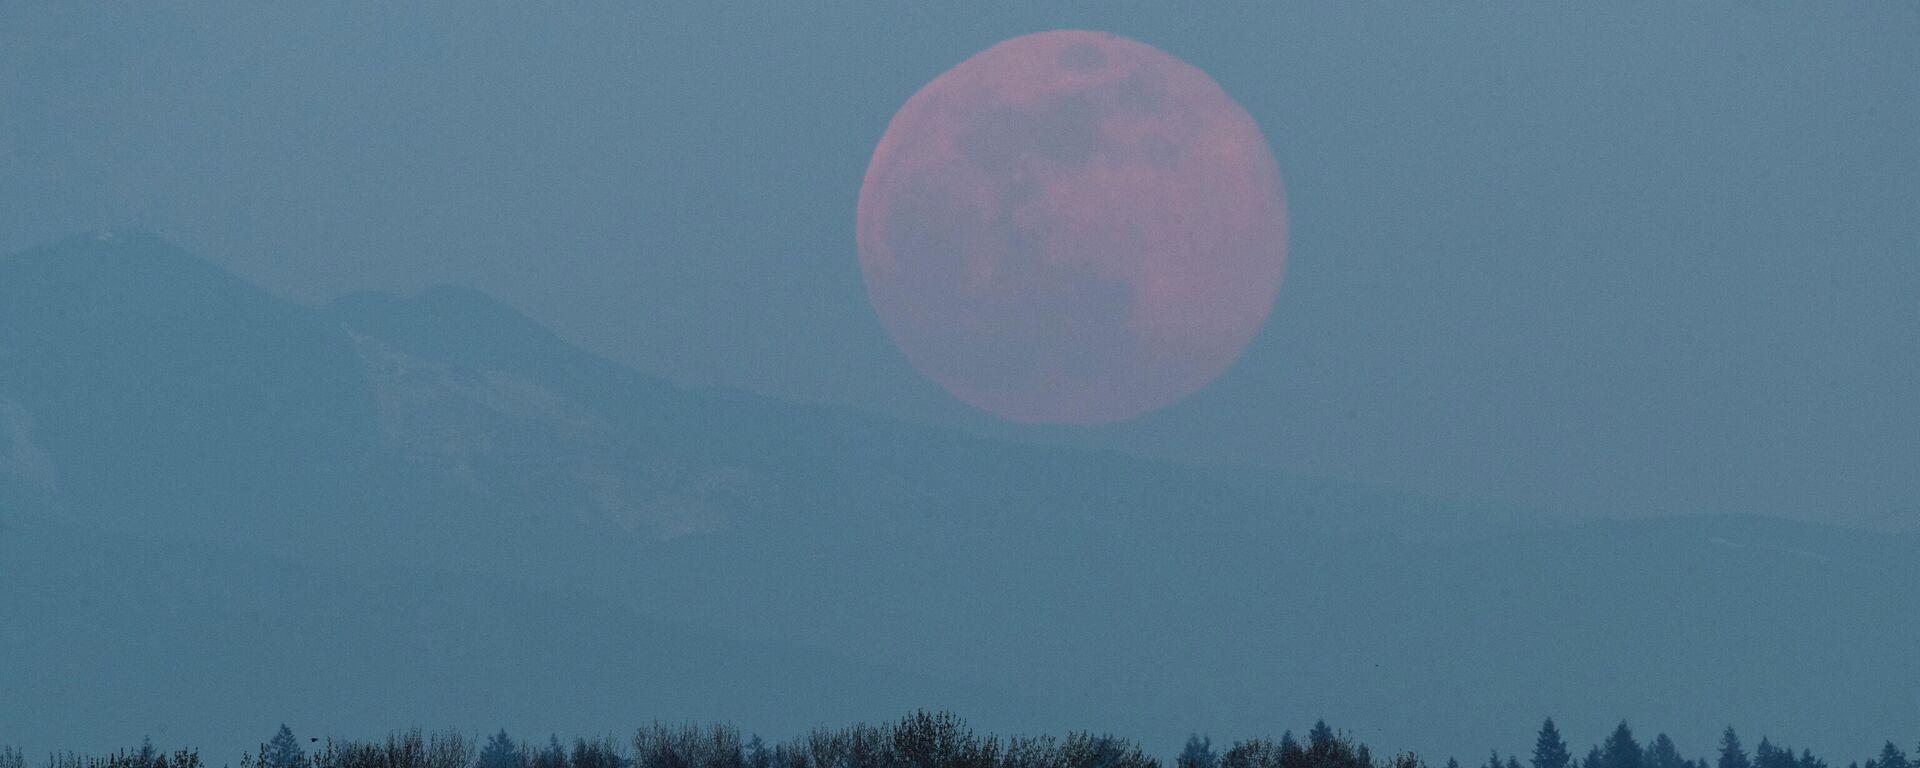 La superluna de abril 2020 en Tacoma (EEUU) - Sputnik Mundo, 1920, 24.05.2021